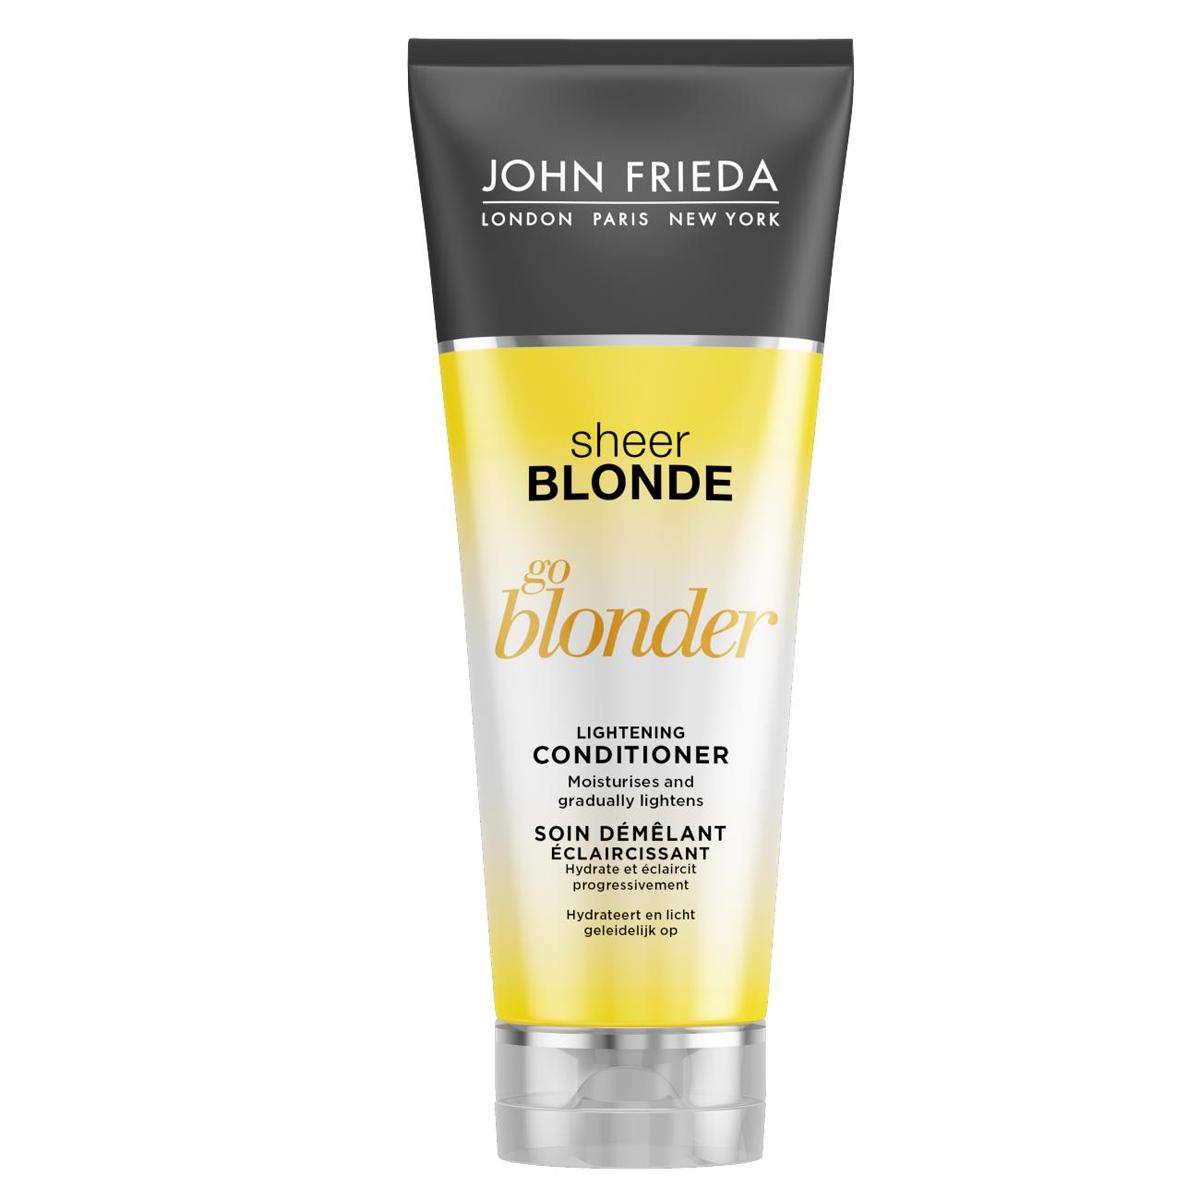 John Frieda Кондиционер осветляющий для натуральных, мелированных и окрашенных светлых волос, 250 млFS-54114Увлажняет и постепенно создает эффект осветления. Увлажняет волосы, они становятся заметно светлее и ярче, усиливается естественный блеск светлых волос. Осветляющий кондиционер Go Blonder с цитрусом и ромашкой восстанавливает и увлажняет волосы, придает им мягкость и здоровый вид. Применение: Начните уход с использования шампуня Go Blonder, далее нанесите кондиционер на влажные волосы от корней до самых кончиков и затем тщательно смойте. Используйте ежедневного для достижения желаемого результата. Характеристики:Объем: 250 мл. Производитель: Великобритания. Артикул:1405304.Товар сертифицирован.